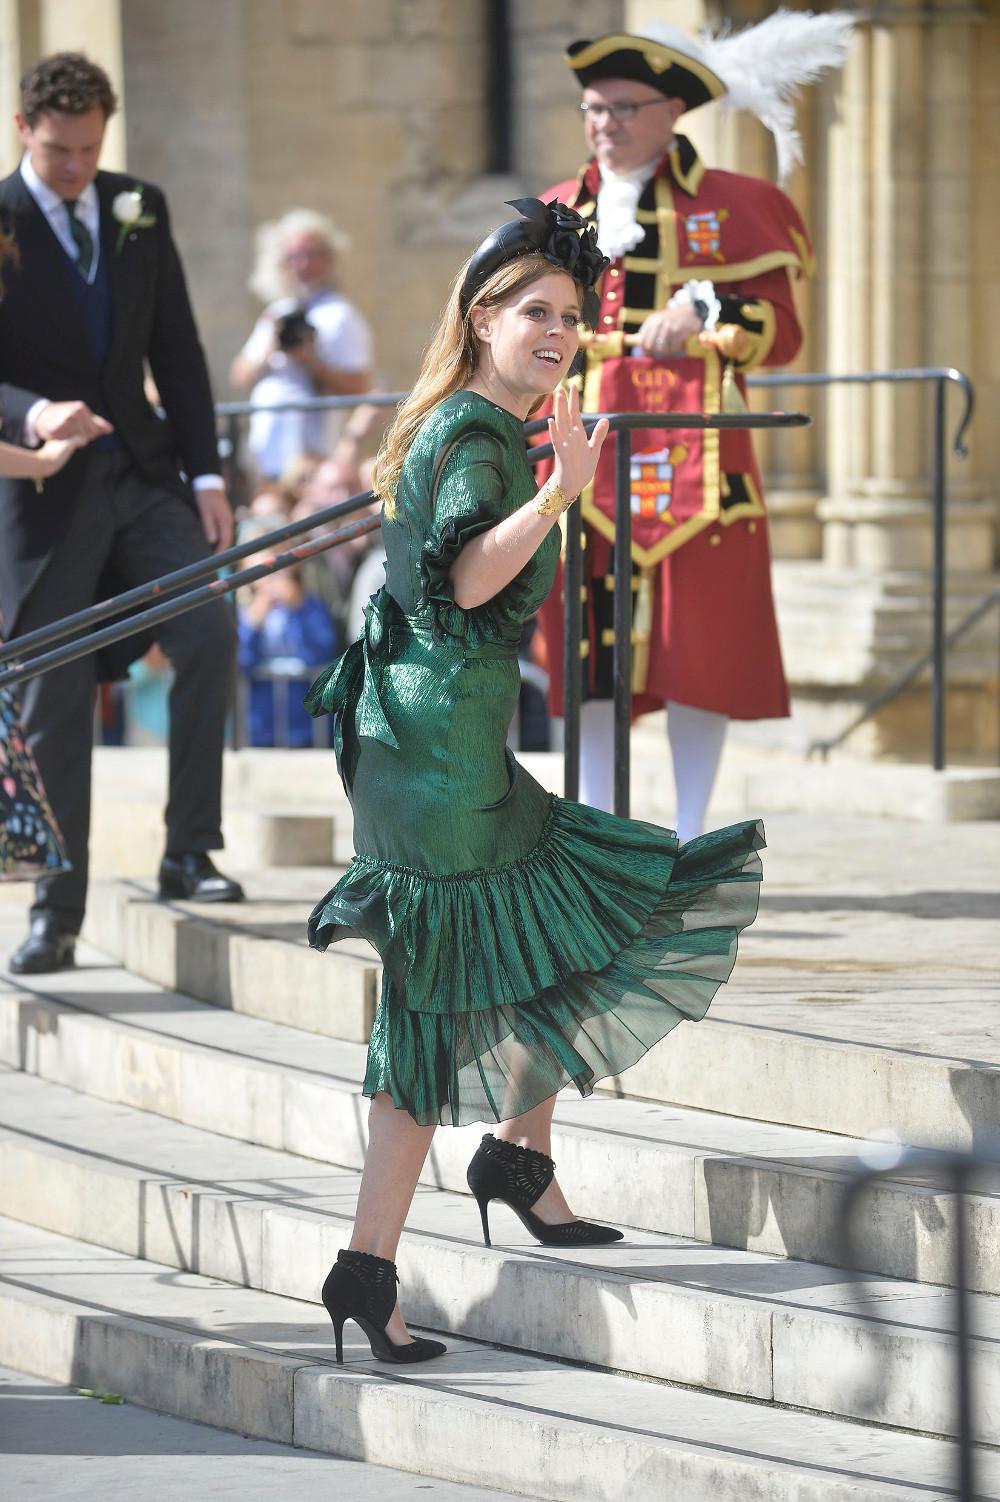 Η πριγκίπισσα Βεατρίκη στον γάμο της φίλης της Έλι Γκούλντινγκ